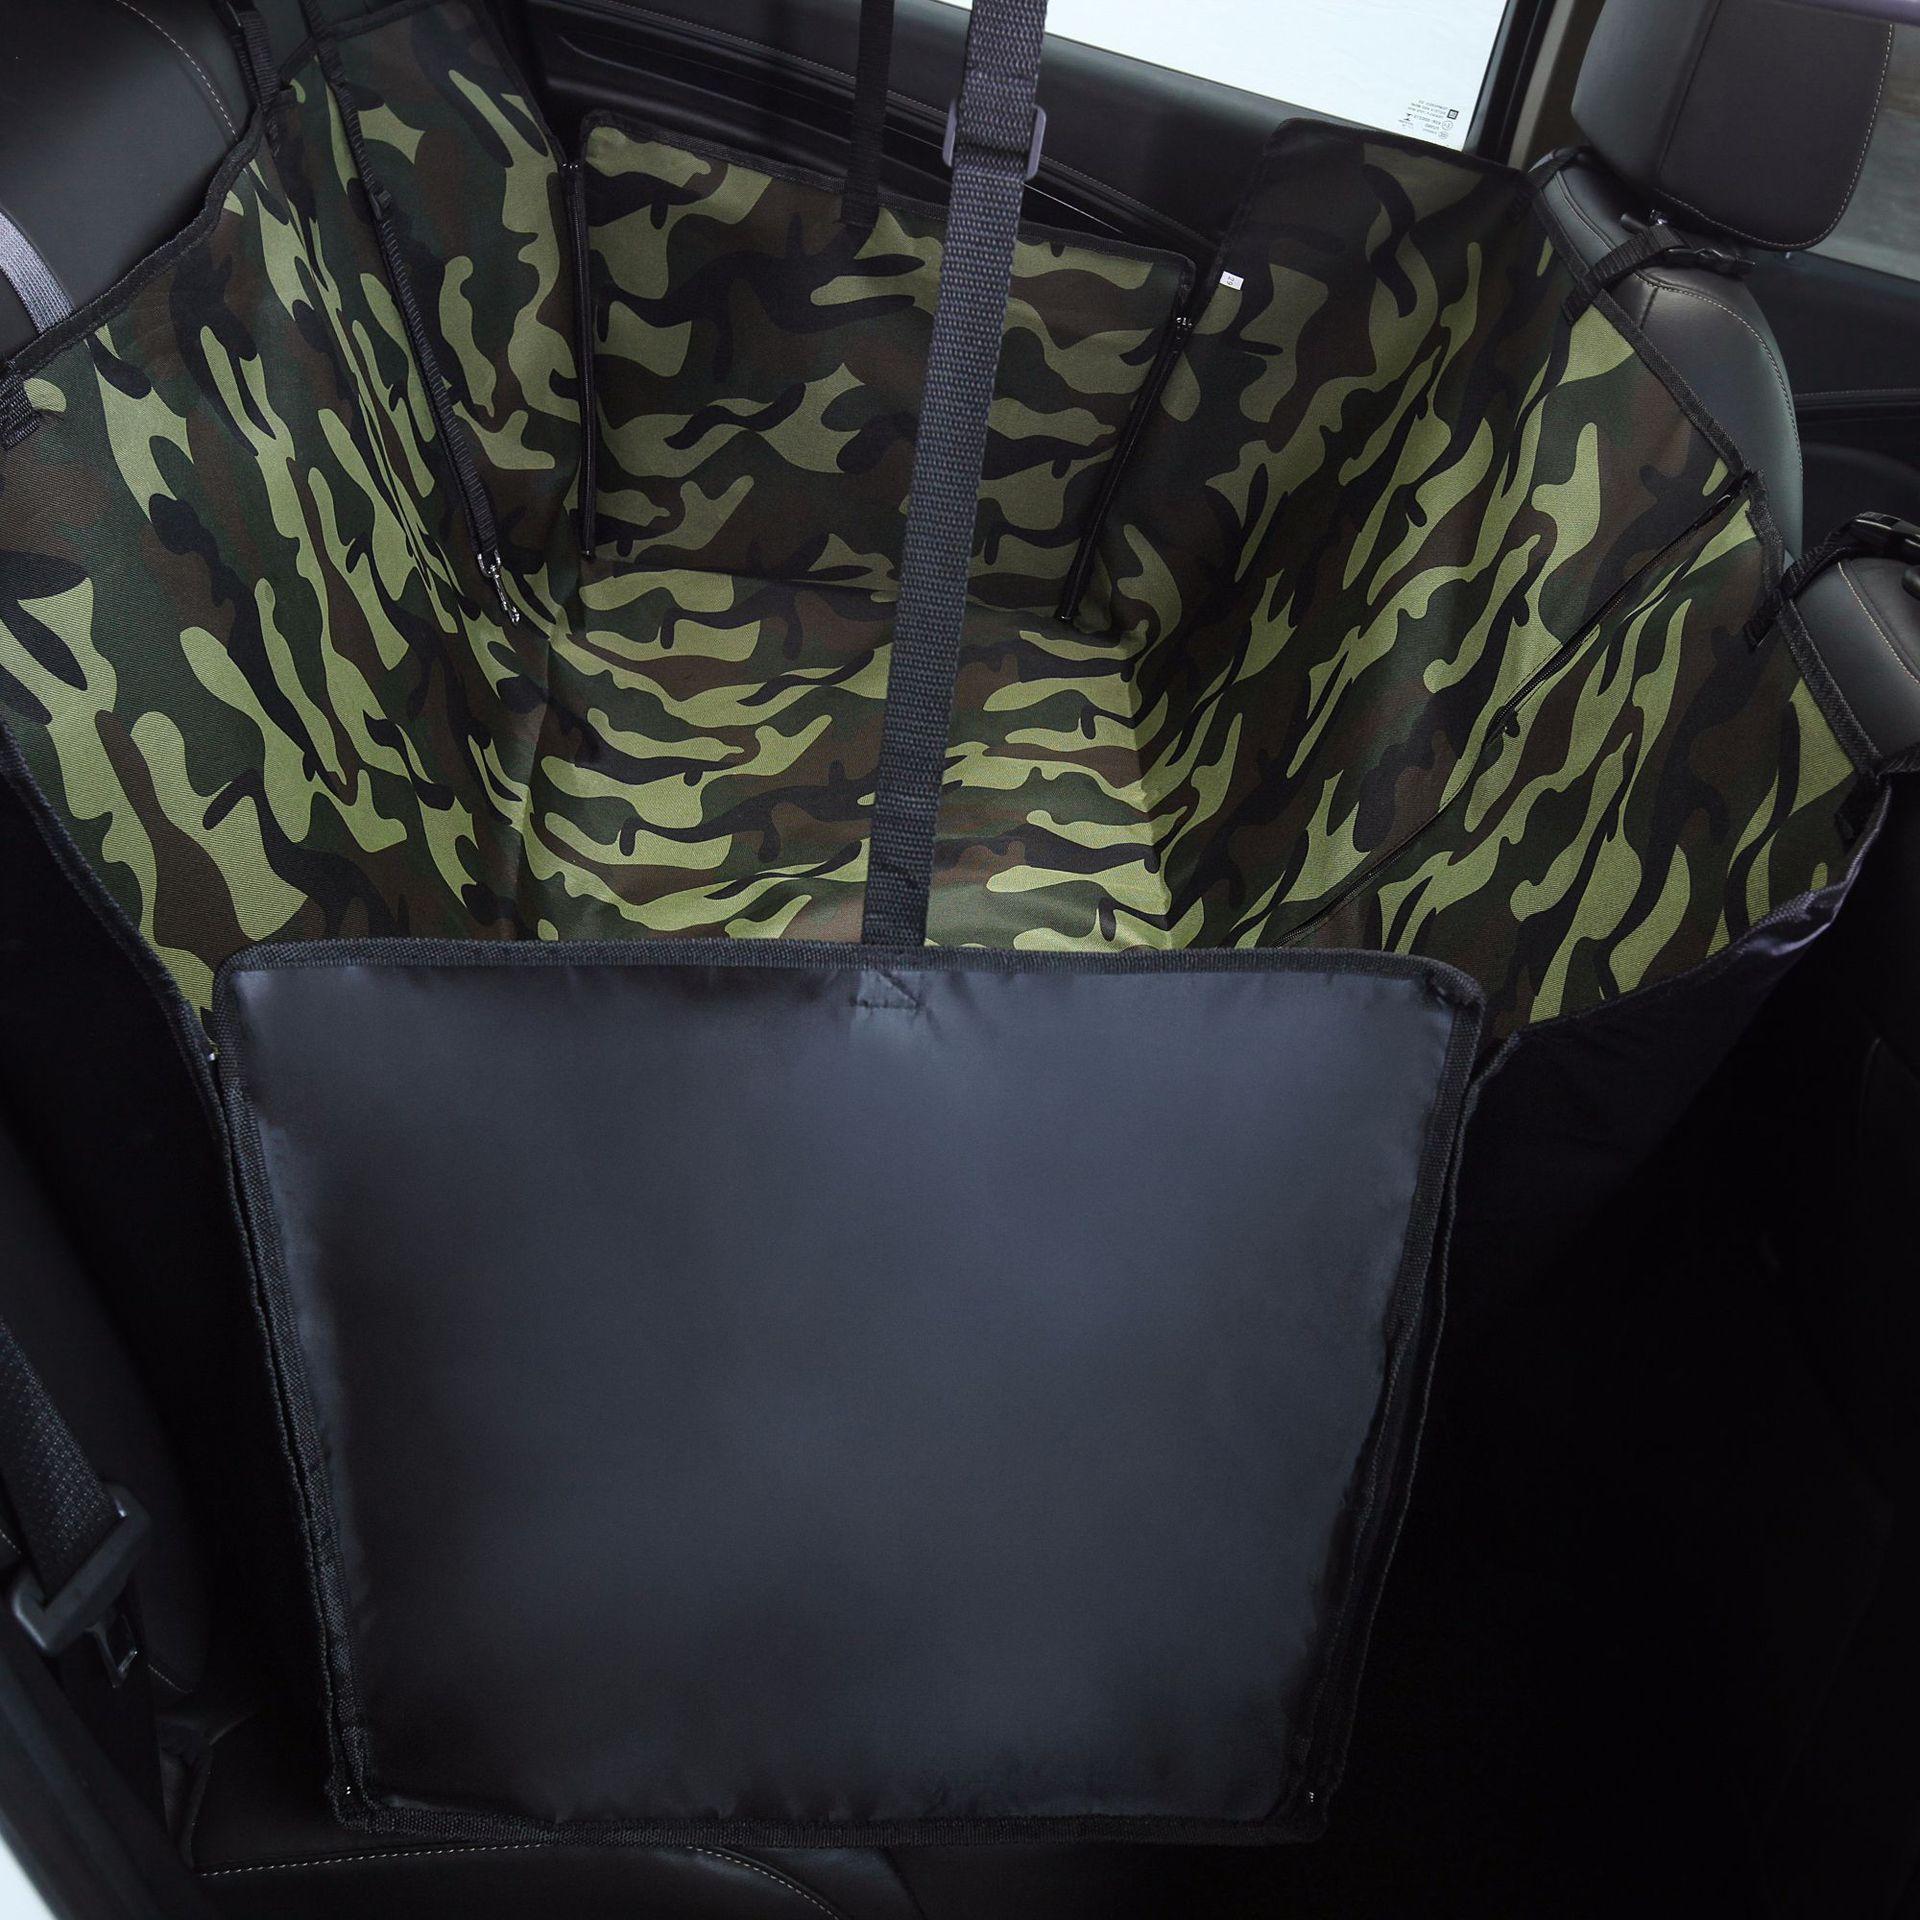 东风雪铁龙C3-XR新爱丽舍C5C2防水宠物汽车垫车用后排双座车载垫